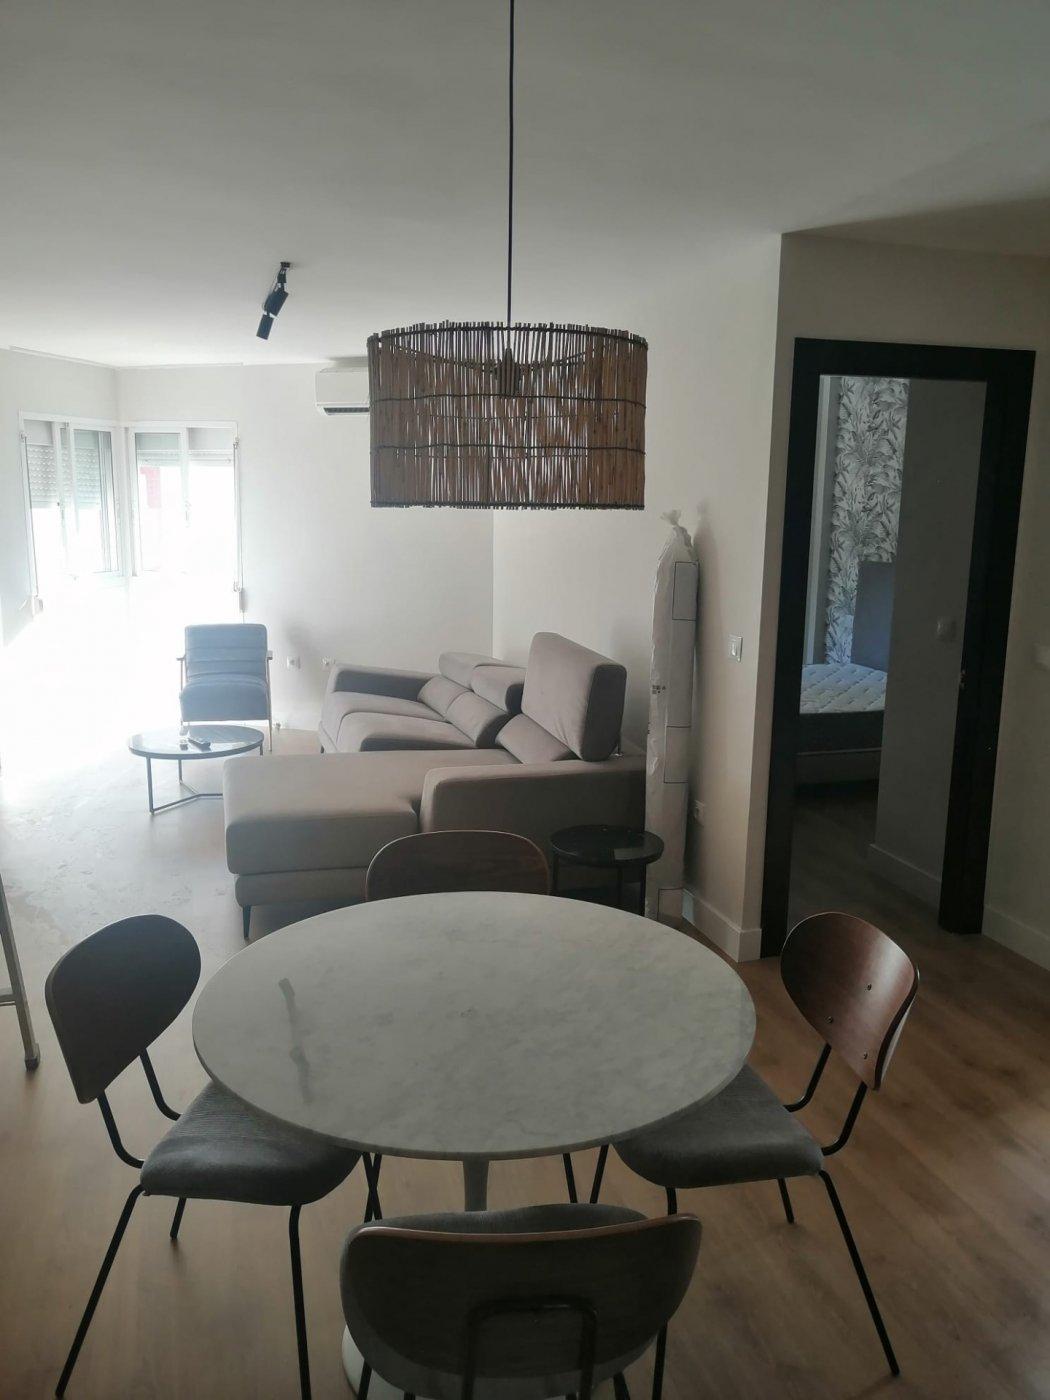 Apartamento 2 dormitorios en la cariihuela - imagenInmueble2